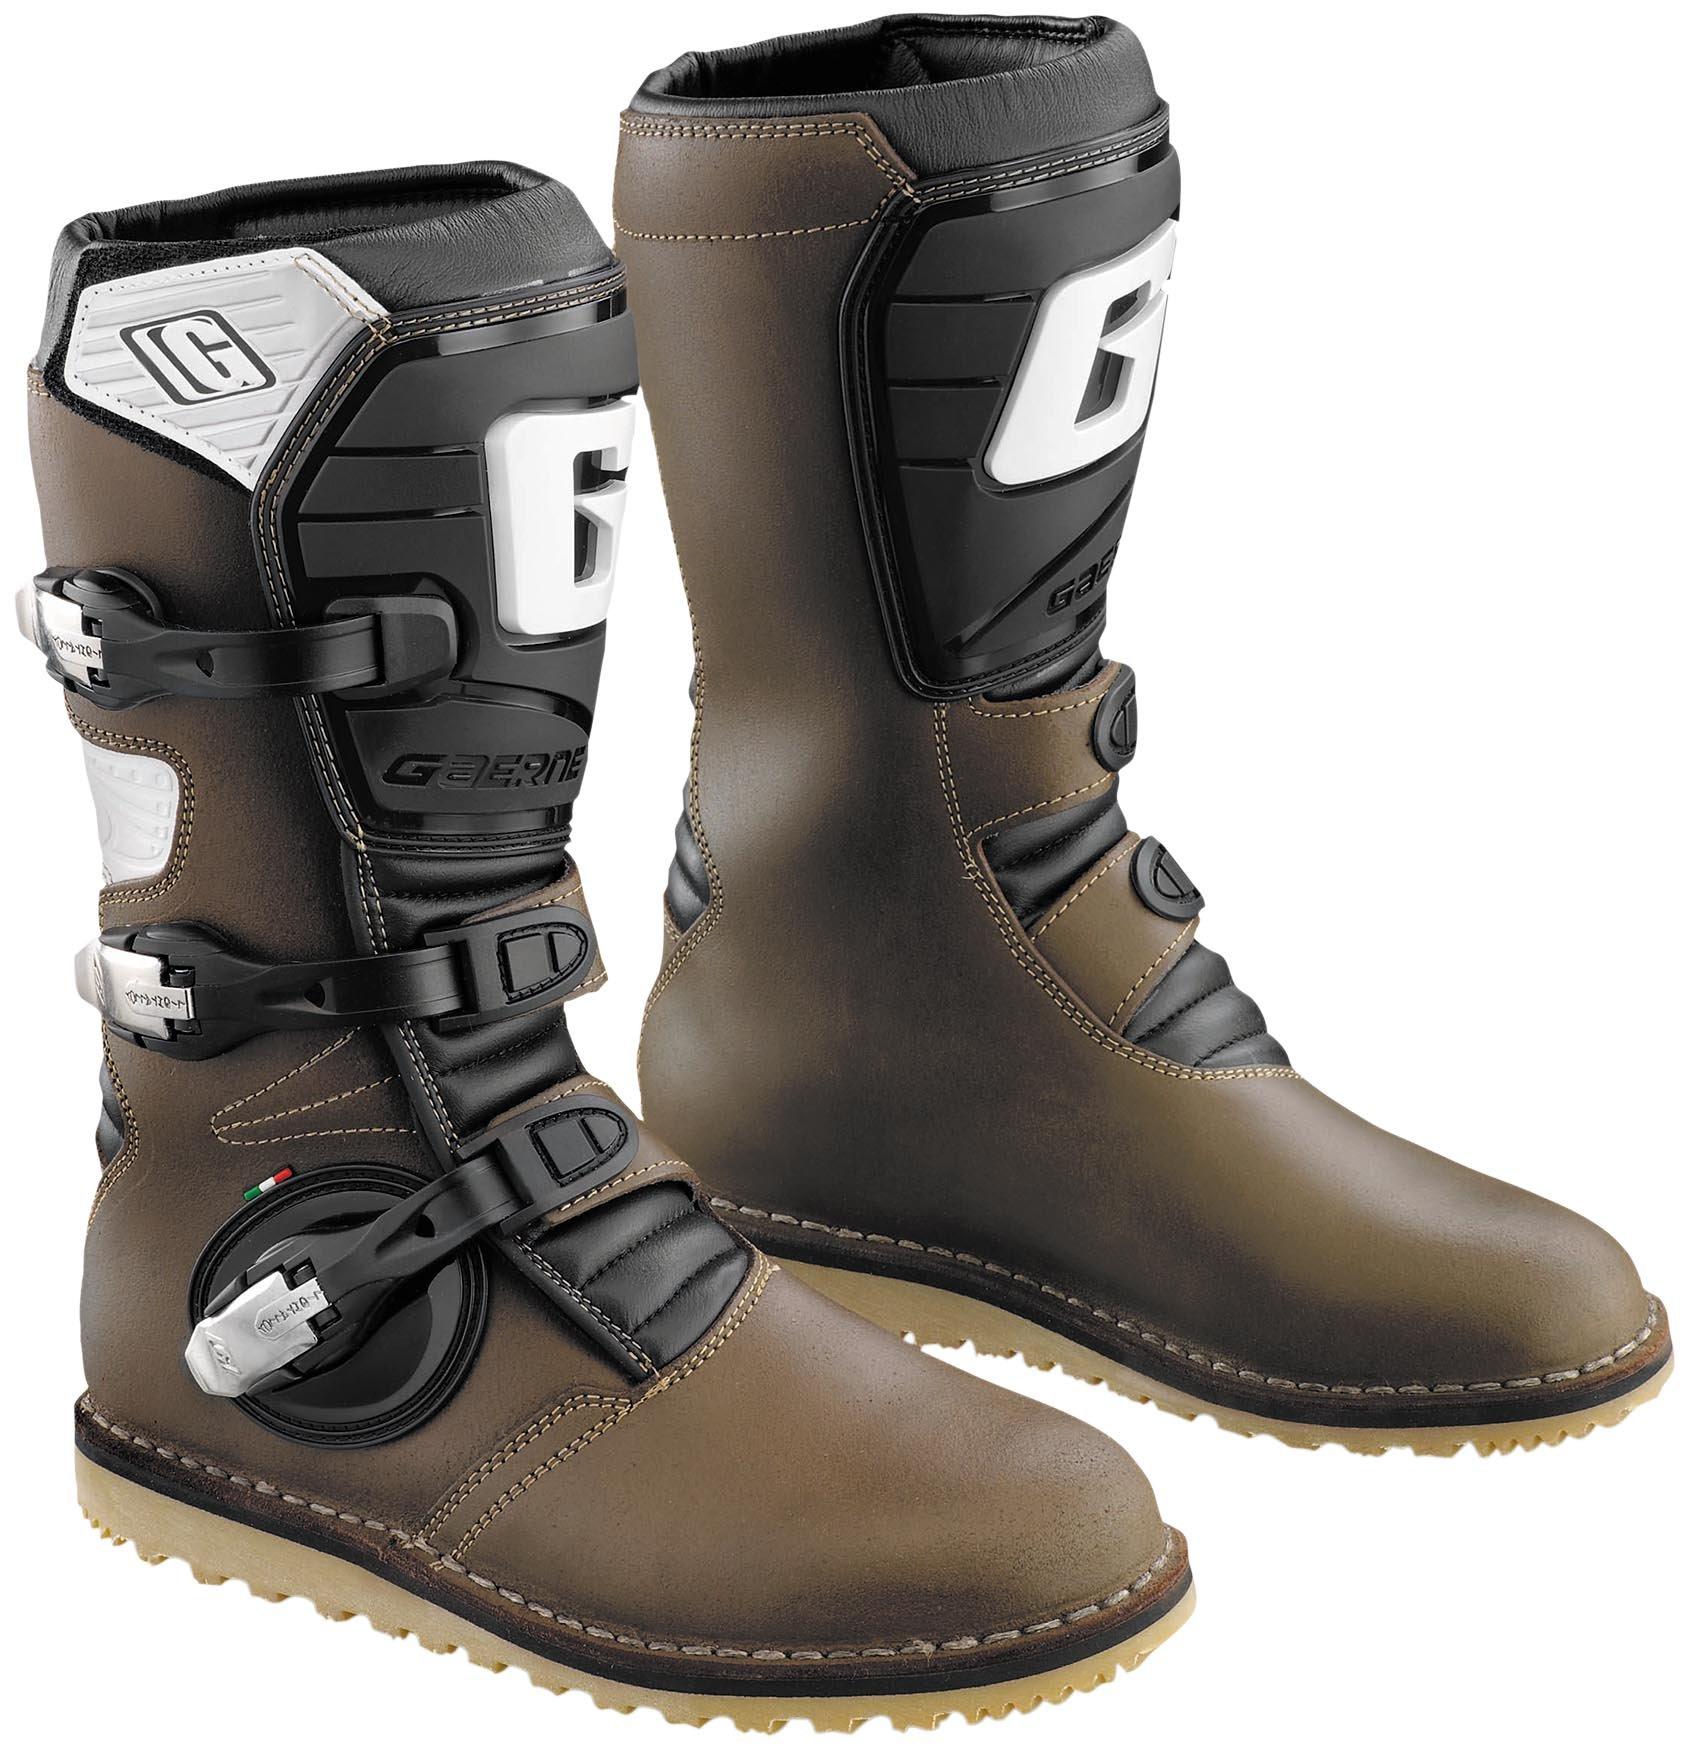 Gaerne Motocross Boots